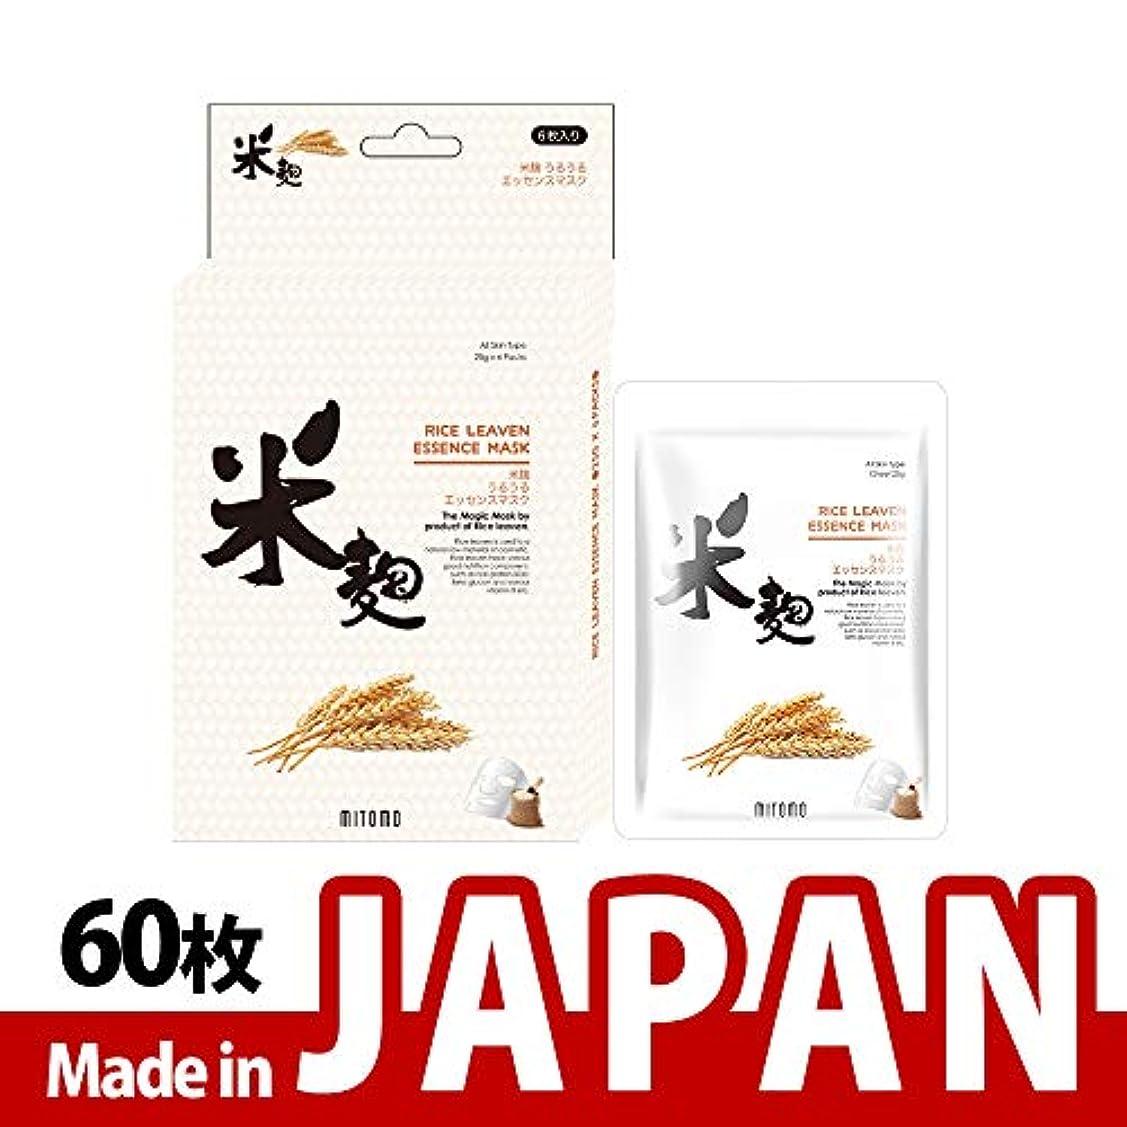 ヤング埋め込む霜MITOMO【JP512-E-4】日本製シートマスク/6枚入り/60枚/美容液/マスクパック/送料無料